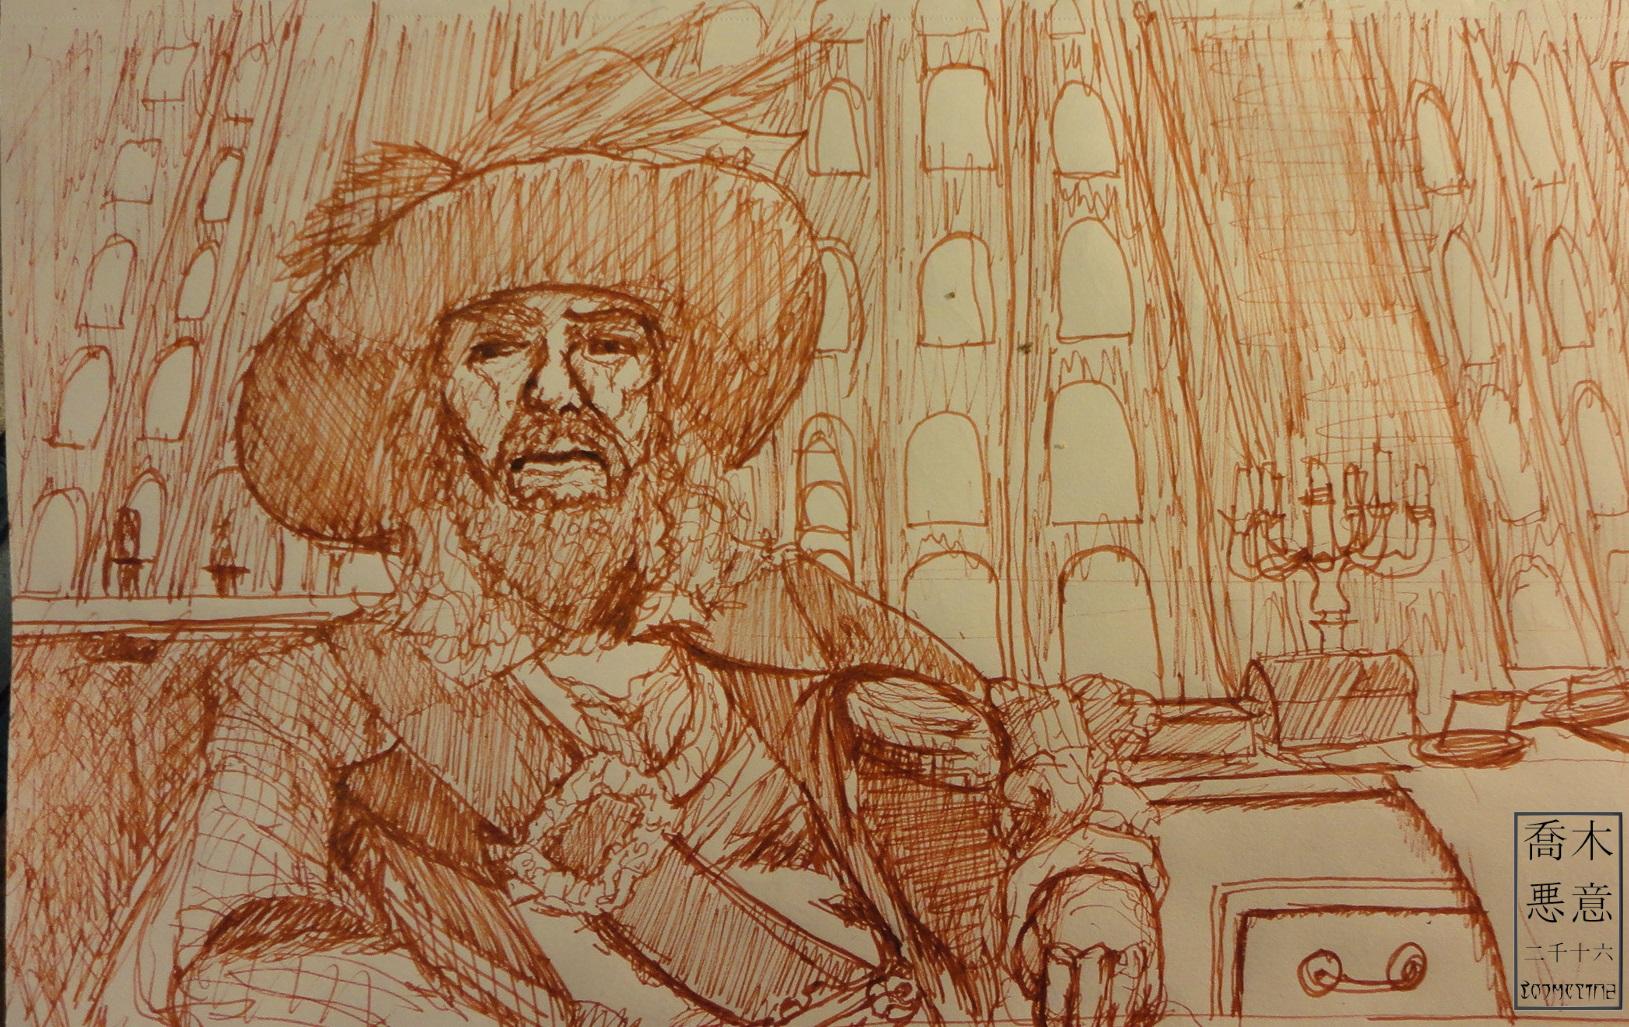 Captian Hector Barbossa